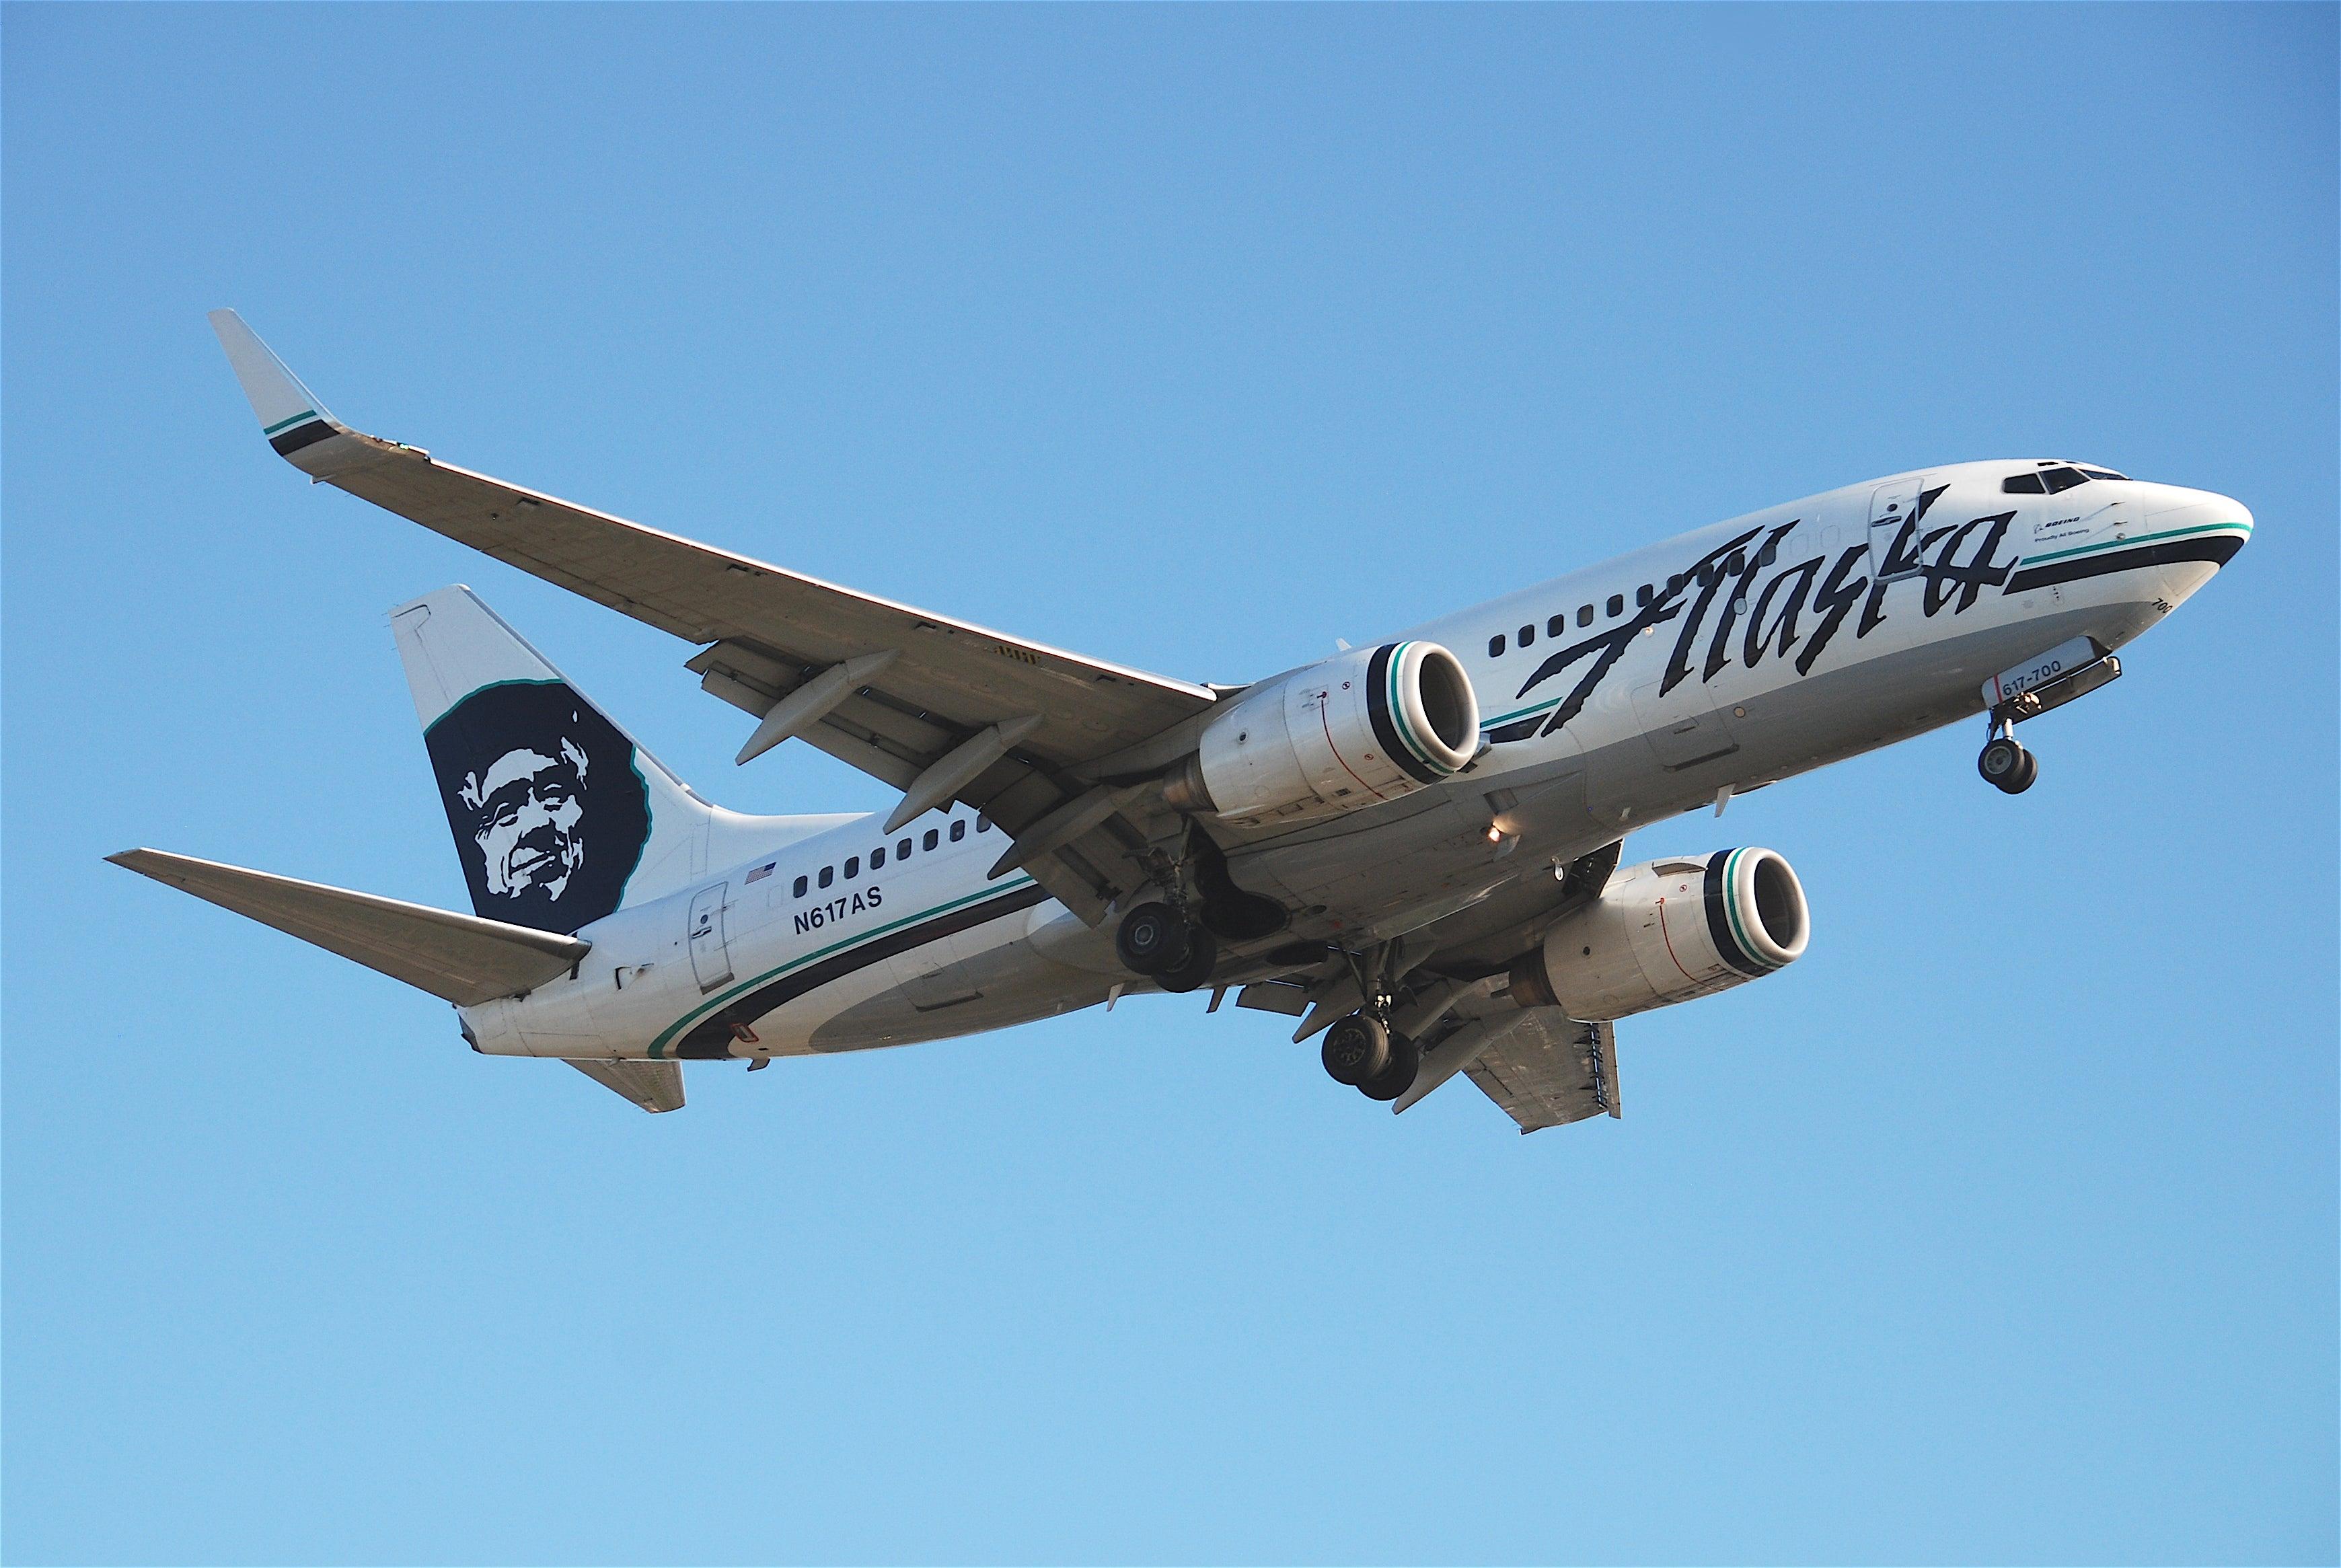 Naked passenger prompts Alaska Airlines flight to return